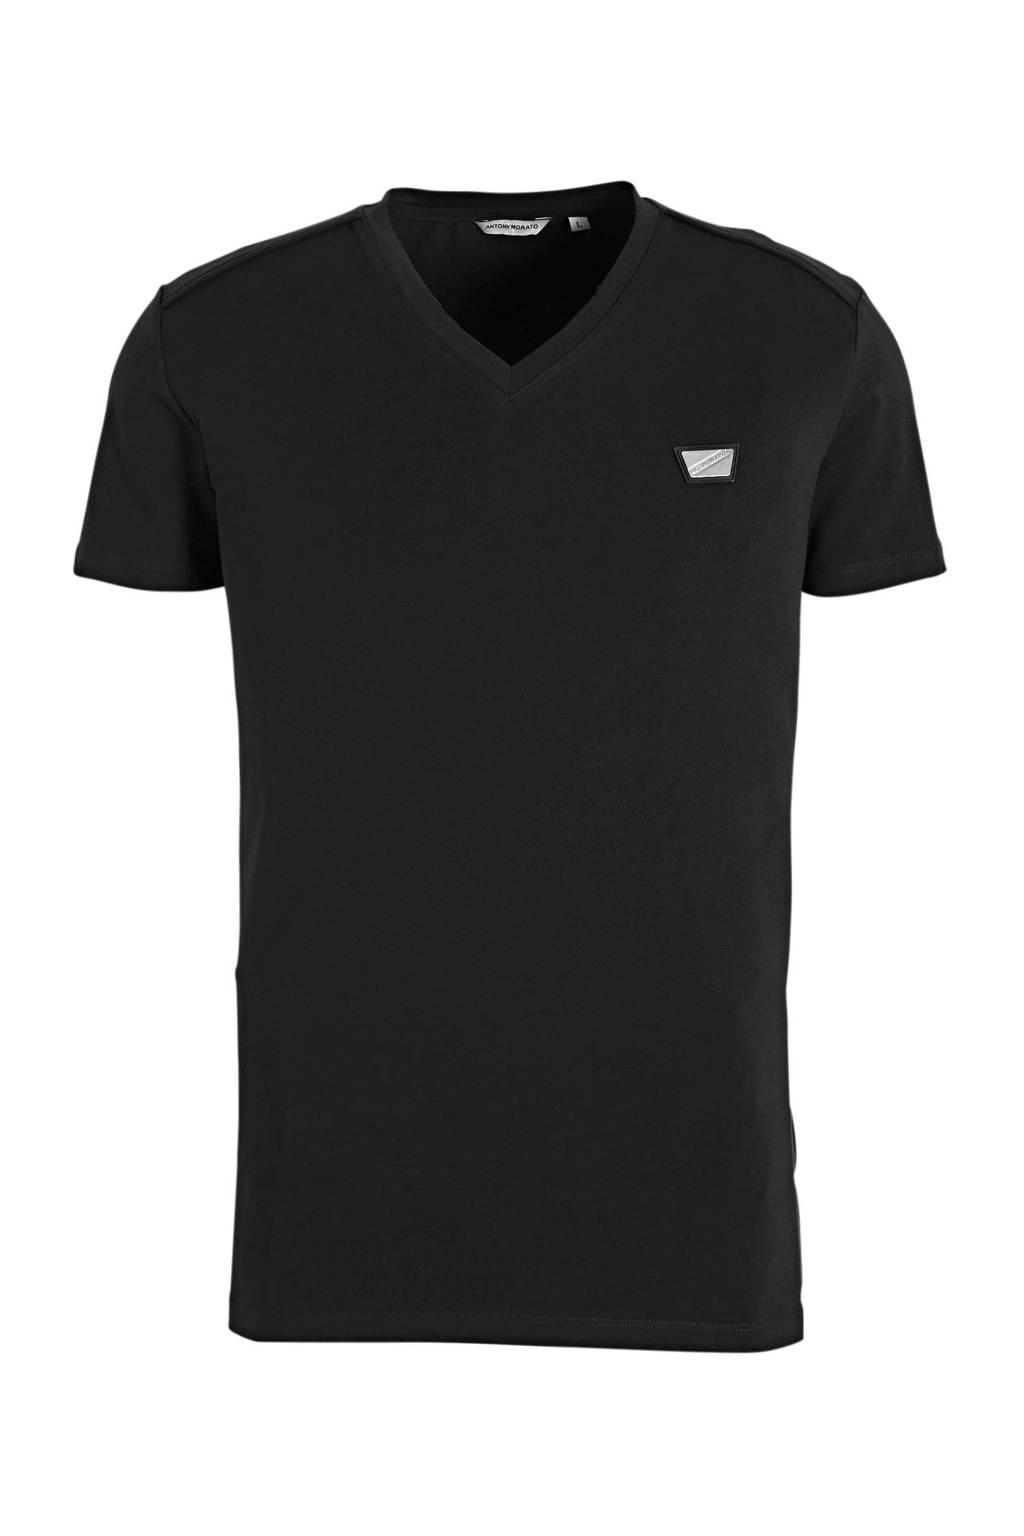 Antony Morato T-shirt zwart, Zwart